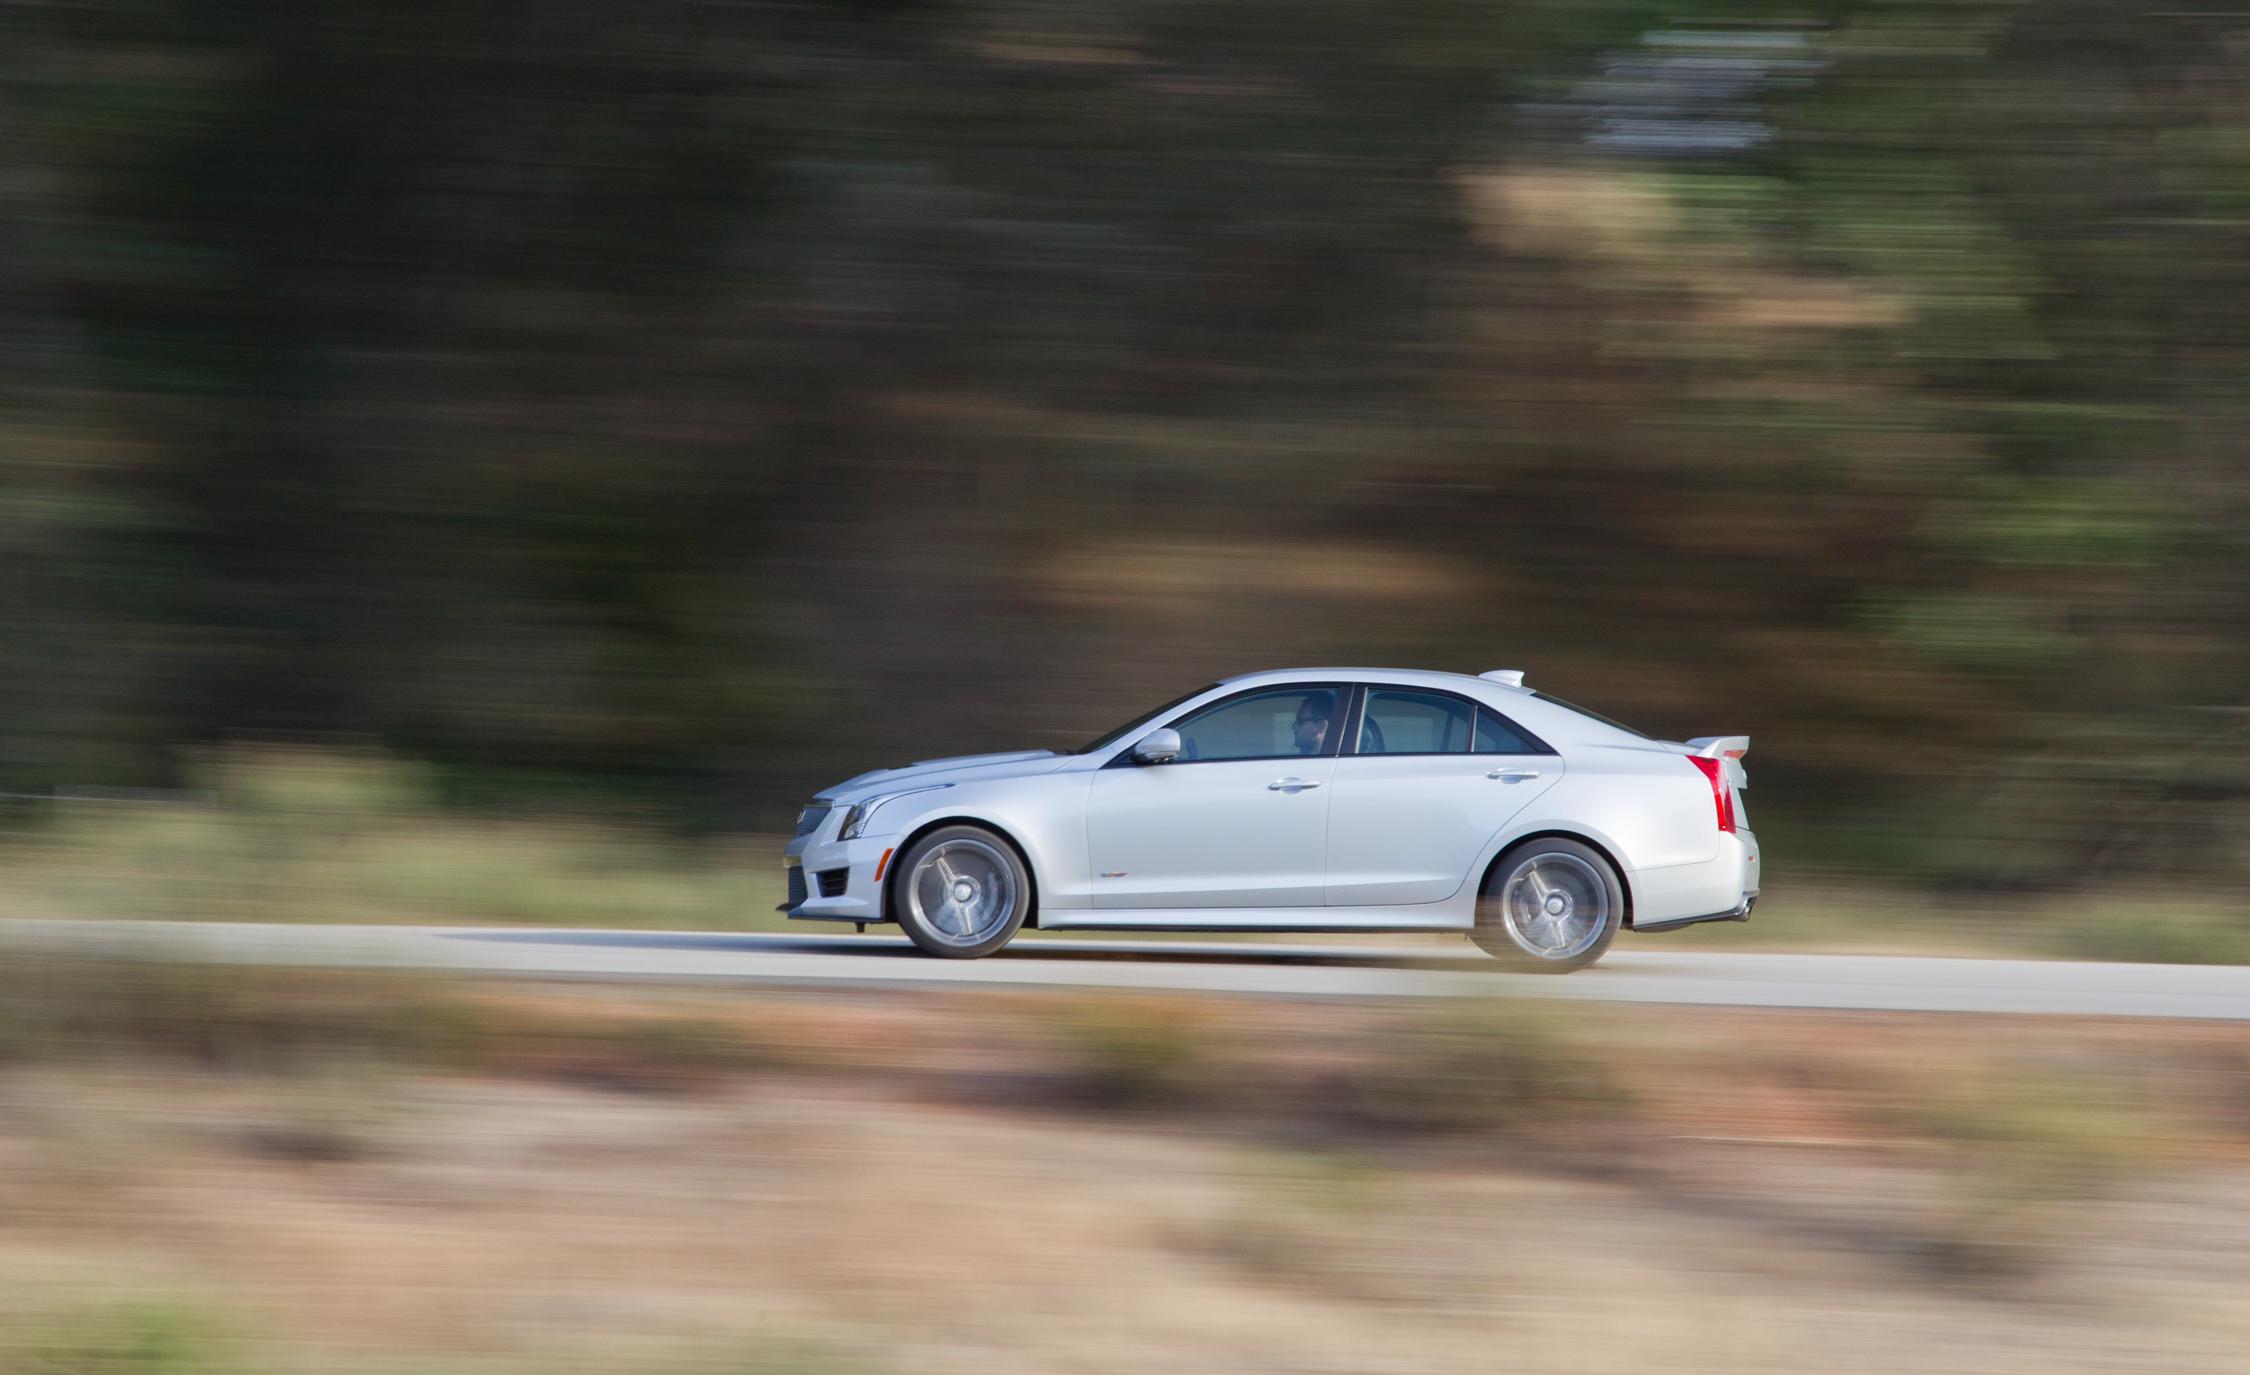 2016 Cadillac ATS-V Exterior in Motion